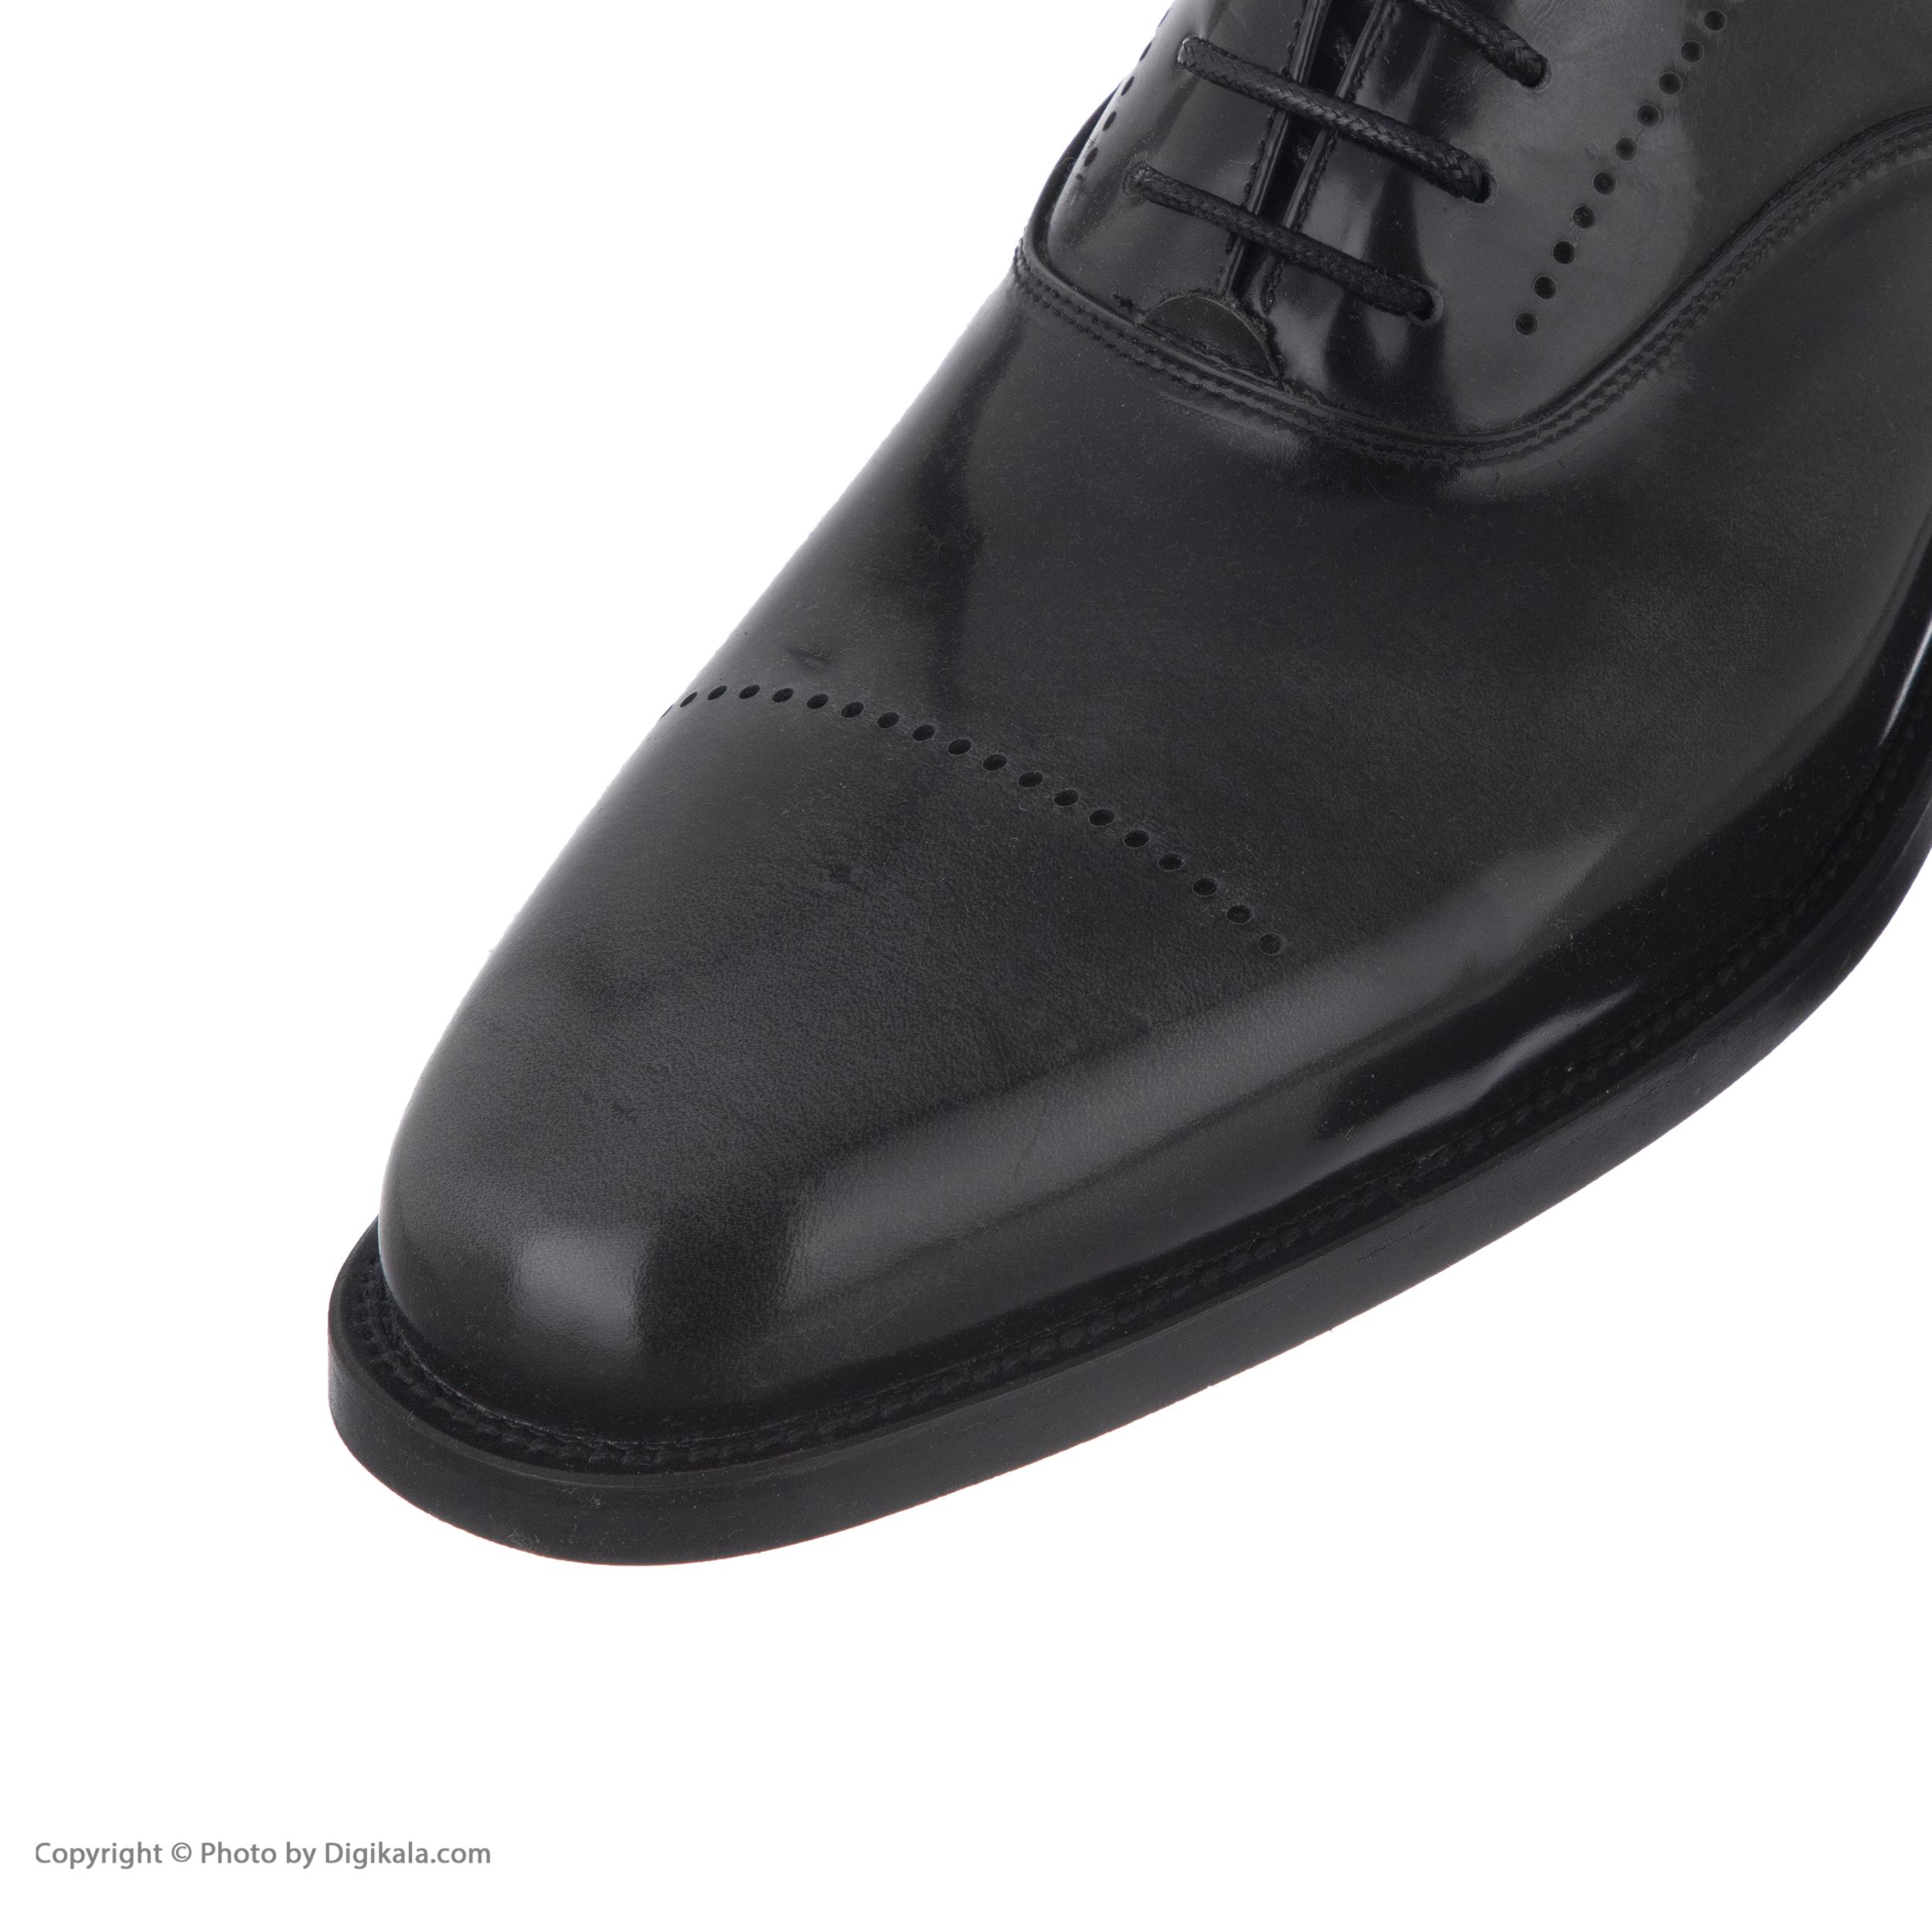 کفش مردانه آرتمن مدل Neo-41520 -  - 7